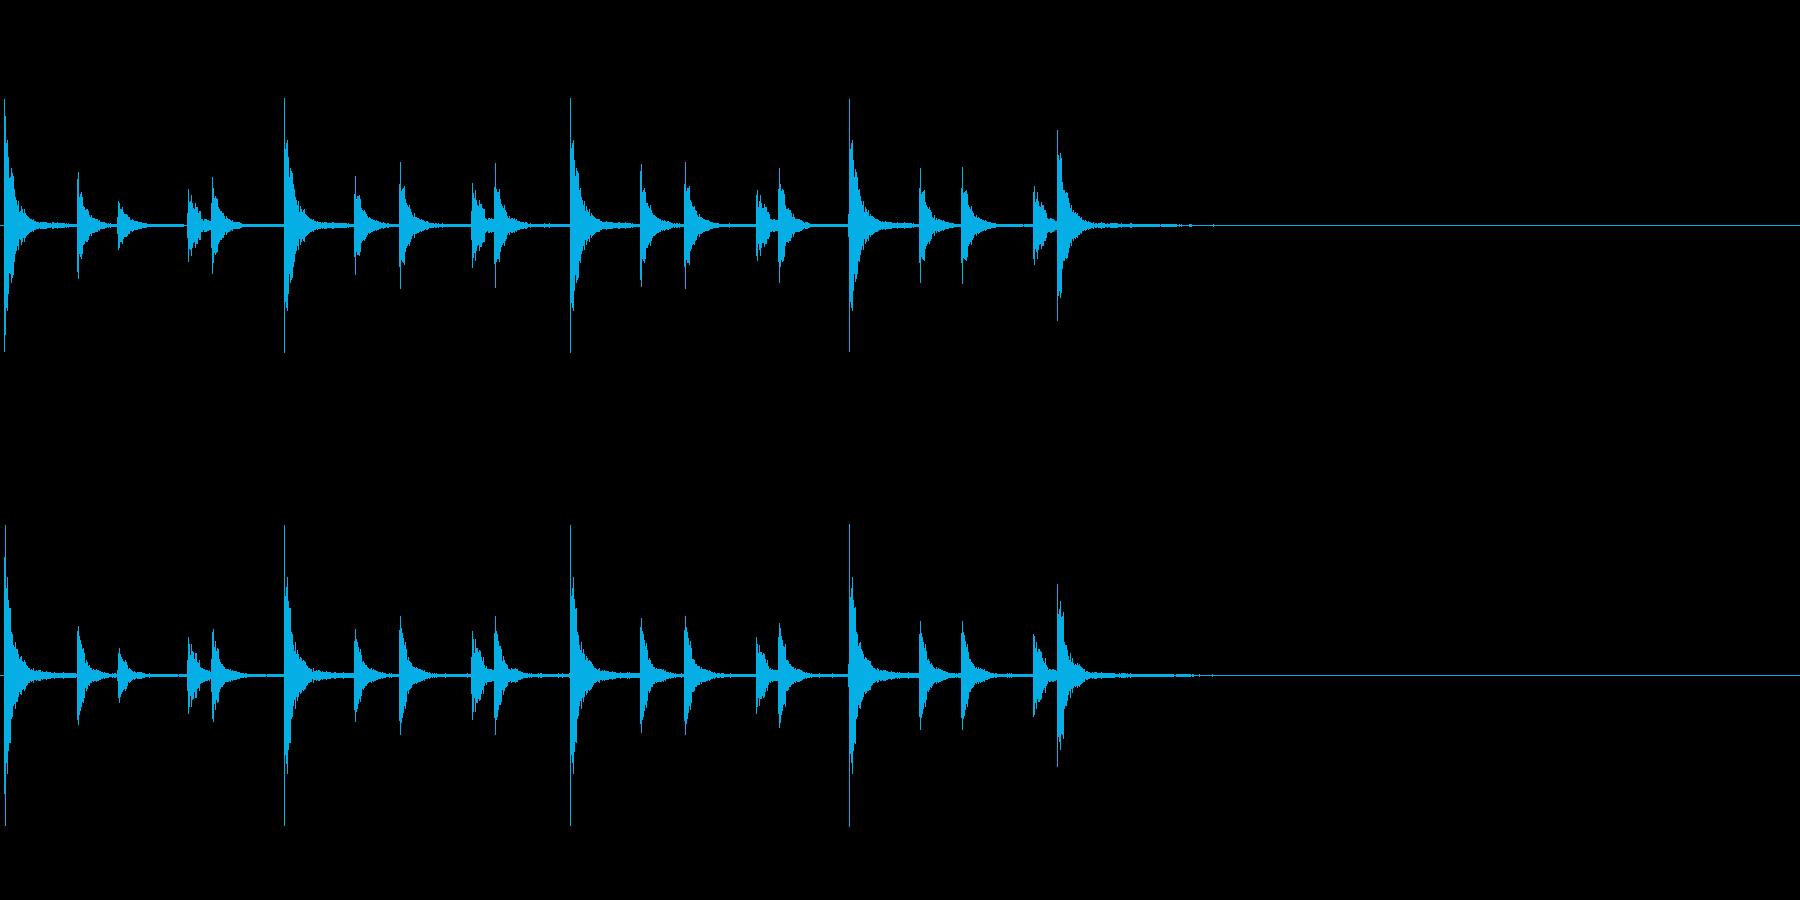 相撲の触れ太鼓「大拍子」フレーズ音1FXの再生済みの波形